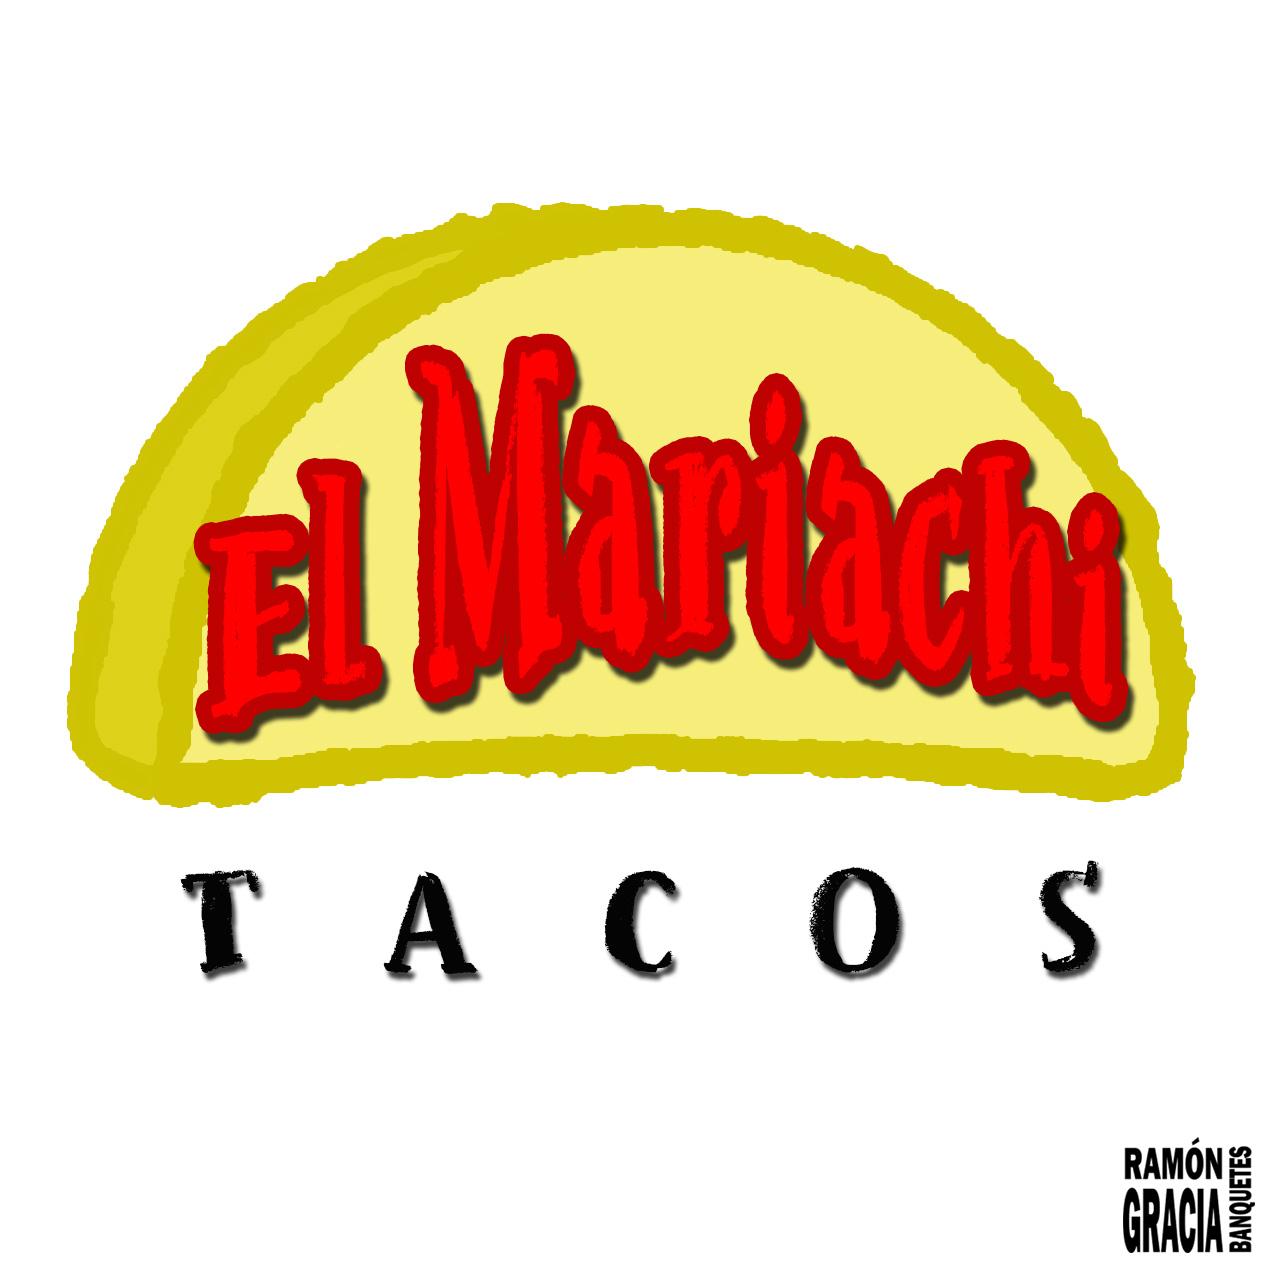 Tacos El Mariachi